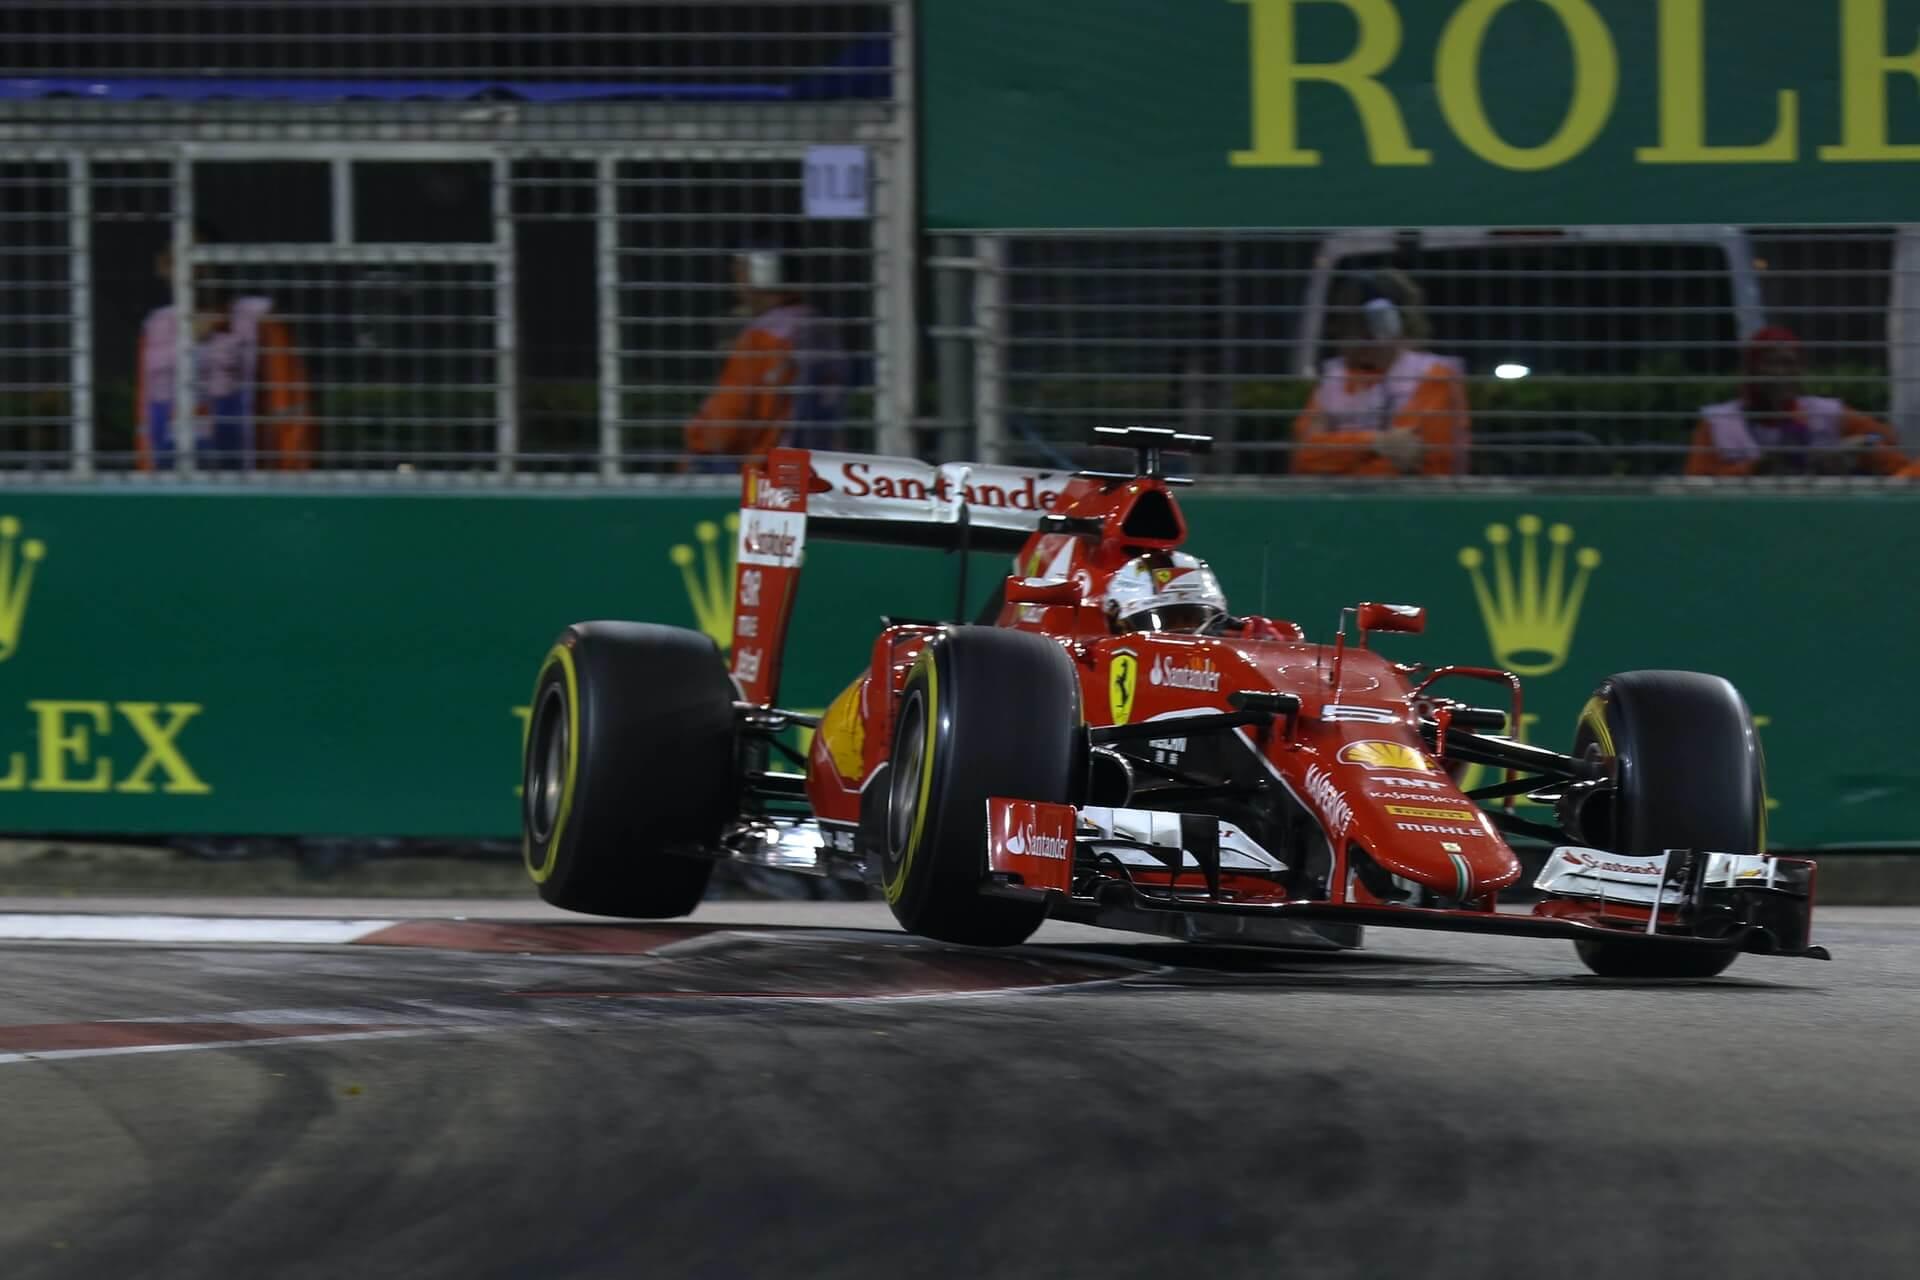 سيارة فريق فيراري فورمولا وان